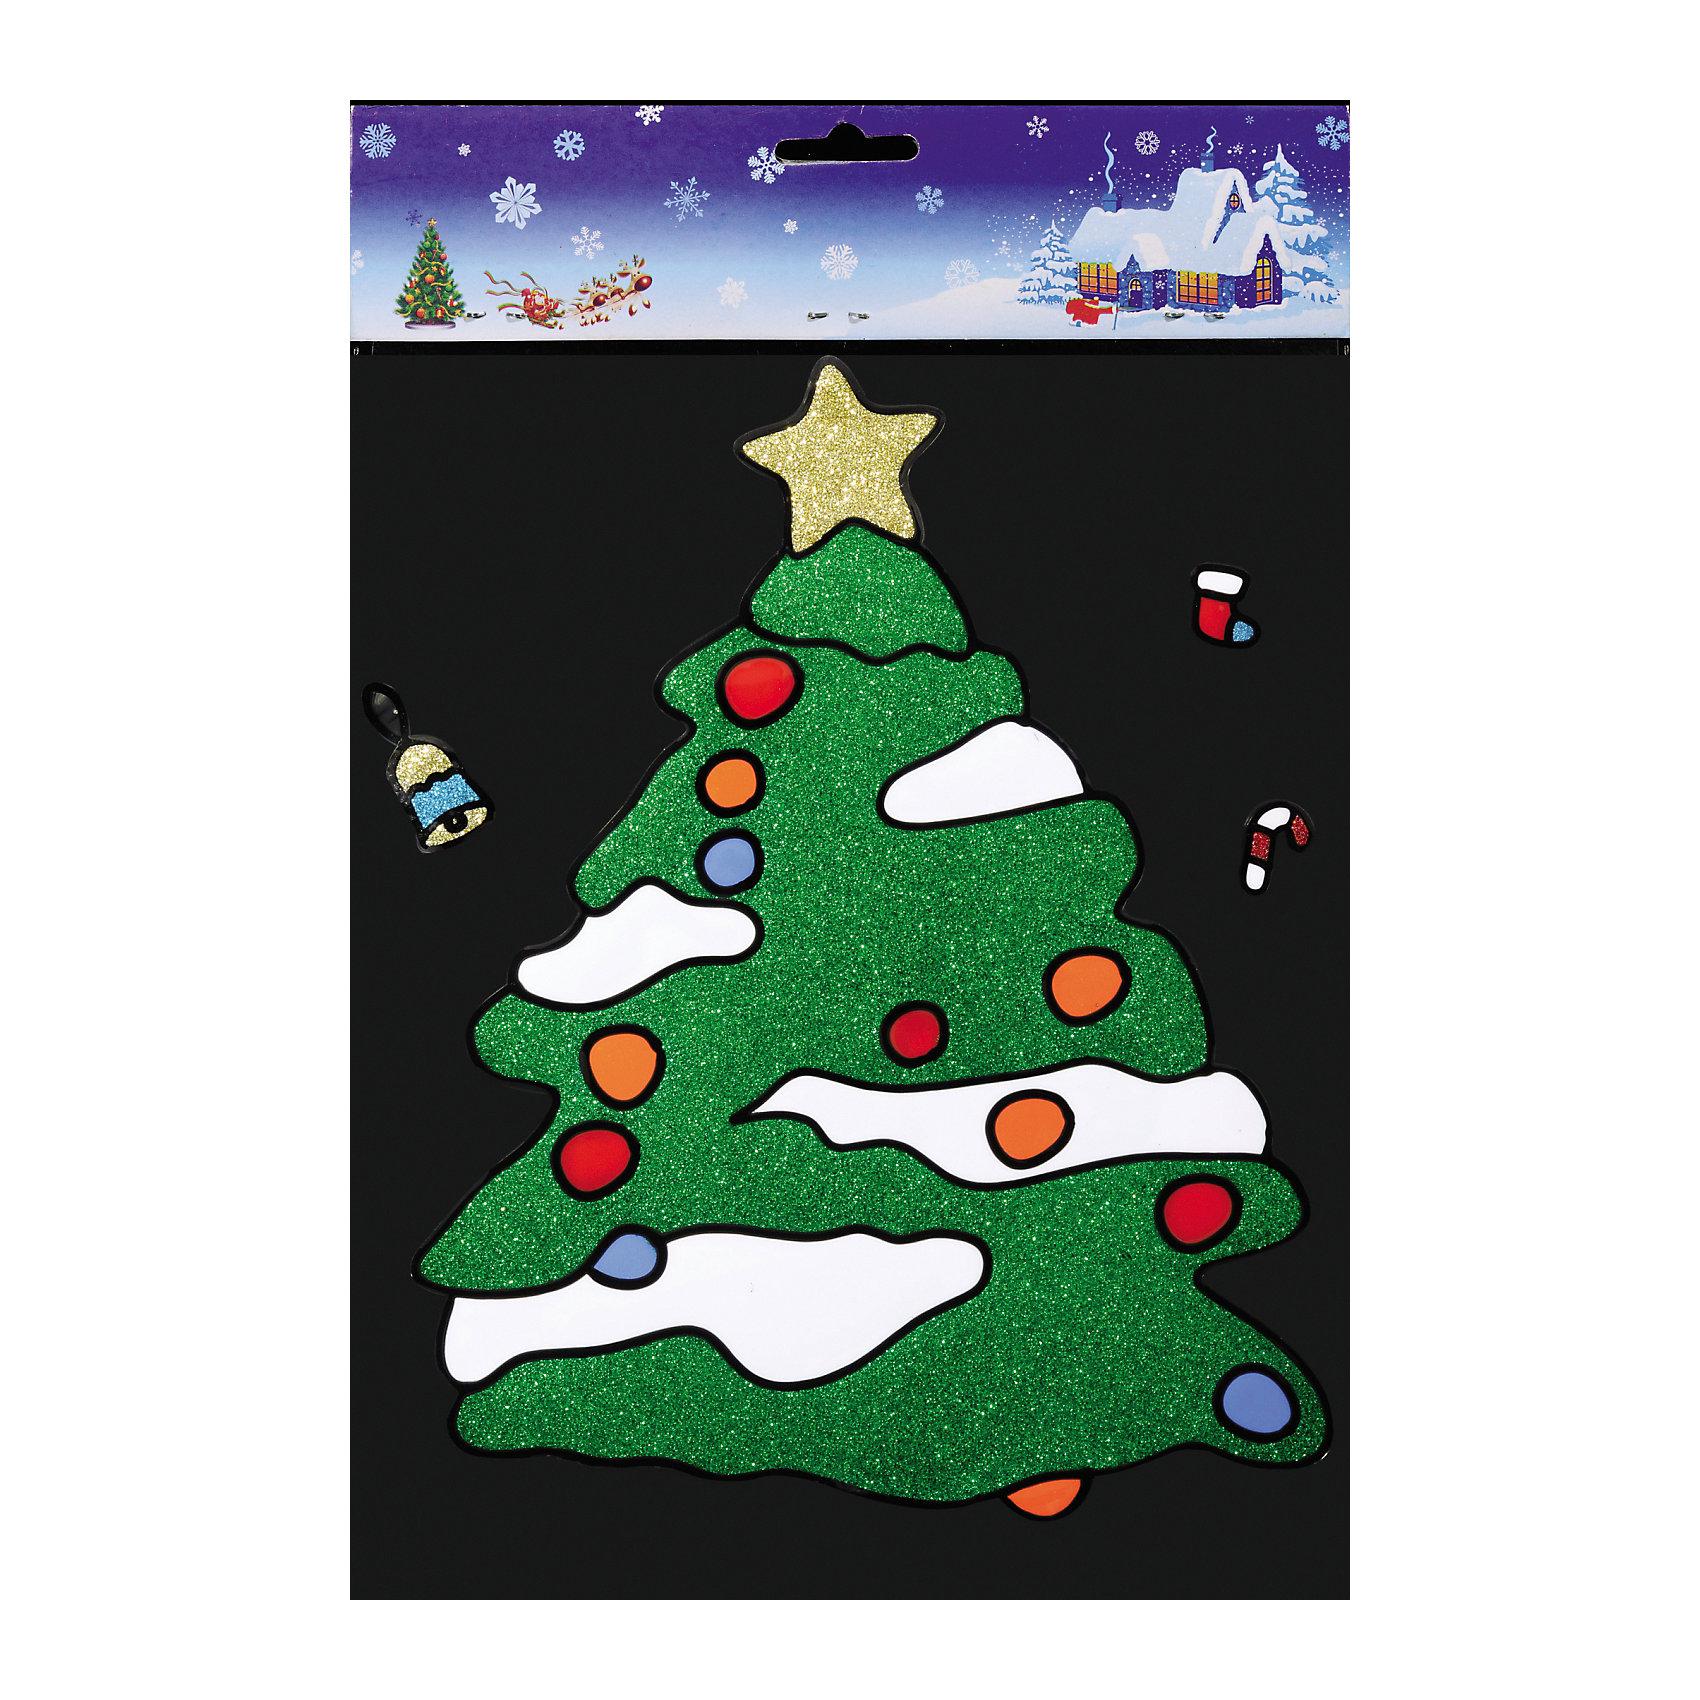 Наклейка на окно Заснеженная ёлочка 25*37 смС помощью большой витражной Наклейки на окно Заснеженная ёлочка 25*37 см и других новогодних аксессуаров можно составлять на стекле целые зимние сюжеты, которые будут радовать глаз и поднимать настроение в праздничные дни! Также Вы можете преподнести этот сувенир в качестве мини-презента коллегам, близким и друзьям с пожеланиями счастливого Нового Года!<br><br>Дополнительная информация:<br>-Материалы: силикон, блестки<br>-Размер в упаковке: 25х0,5х37 см<br>-Вес в упаковке: 92 г<br>-Размер: 25х37 см<br><br>Наклейка на окно Заснеженная ёлочка 25*37 см можно купить в нашем магазине.<br><br>Ширина мм: 250<br>Глубина мм: 5<br>Высота мм: 370<br>Вес г: 92<br>Возраст от месяцев: 84<br>Возраст до месяцев: 2147483647<br>Пол: Унисекс<br>Возраст: Детский<br>SKU: 4286722